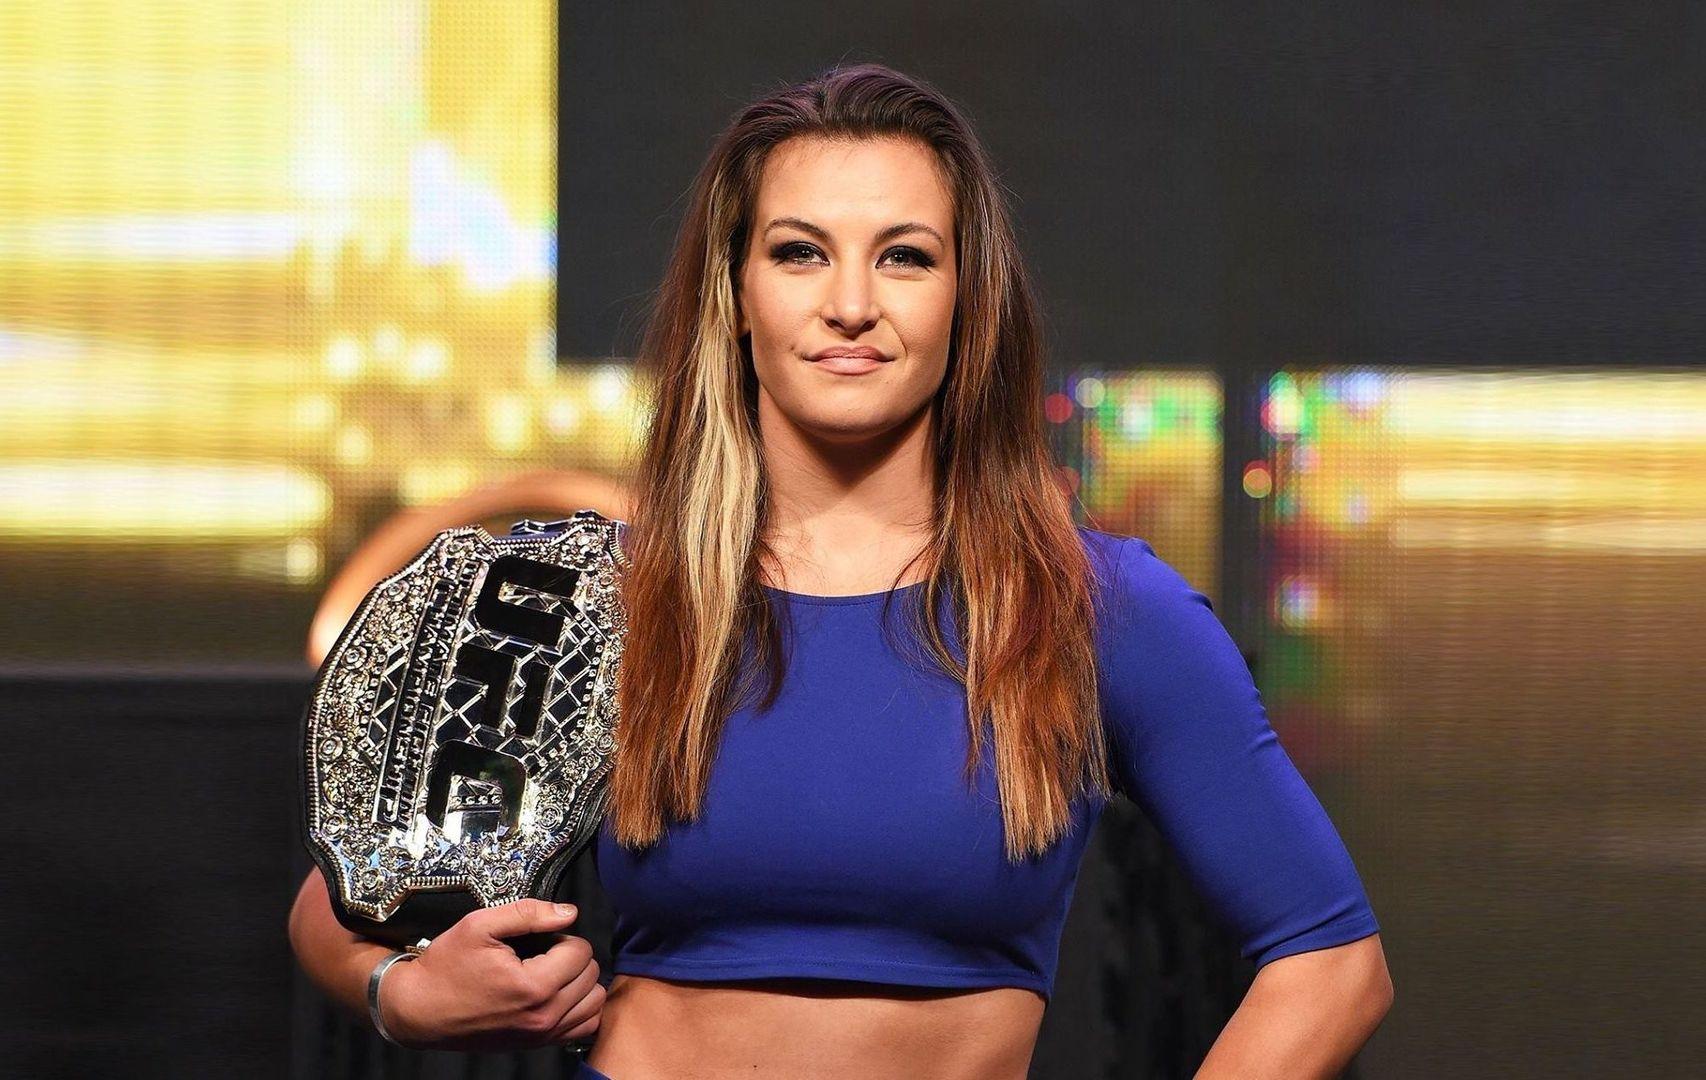 Miesha Tate to make MMA return against Marion Reneau - Miesha Tate